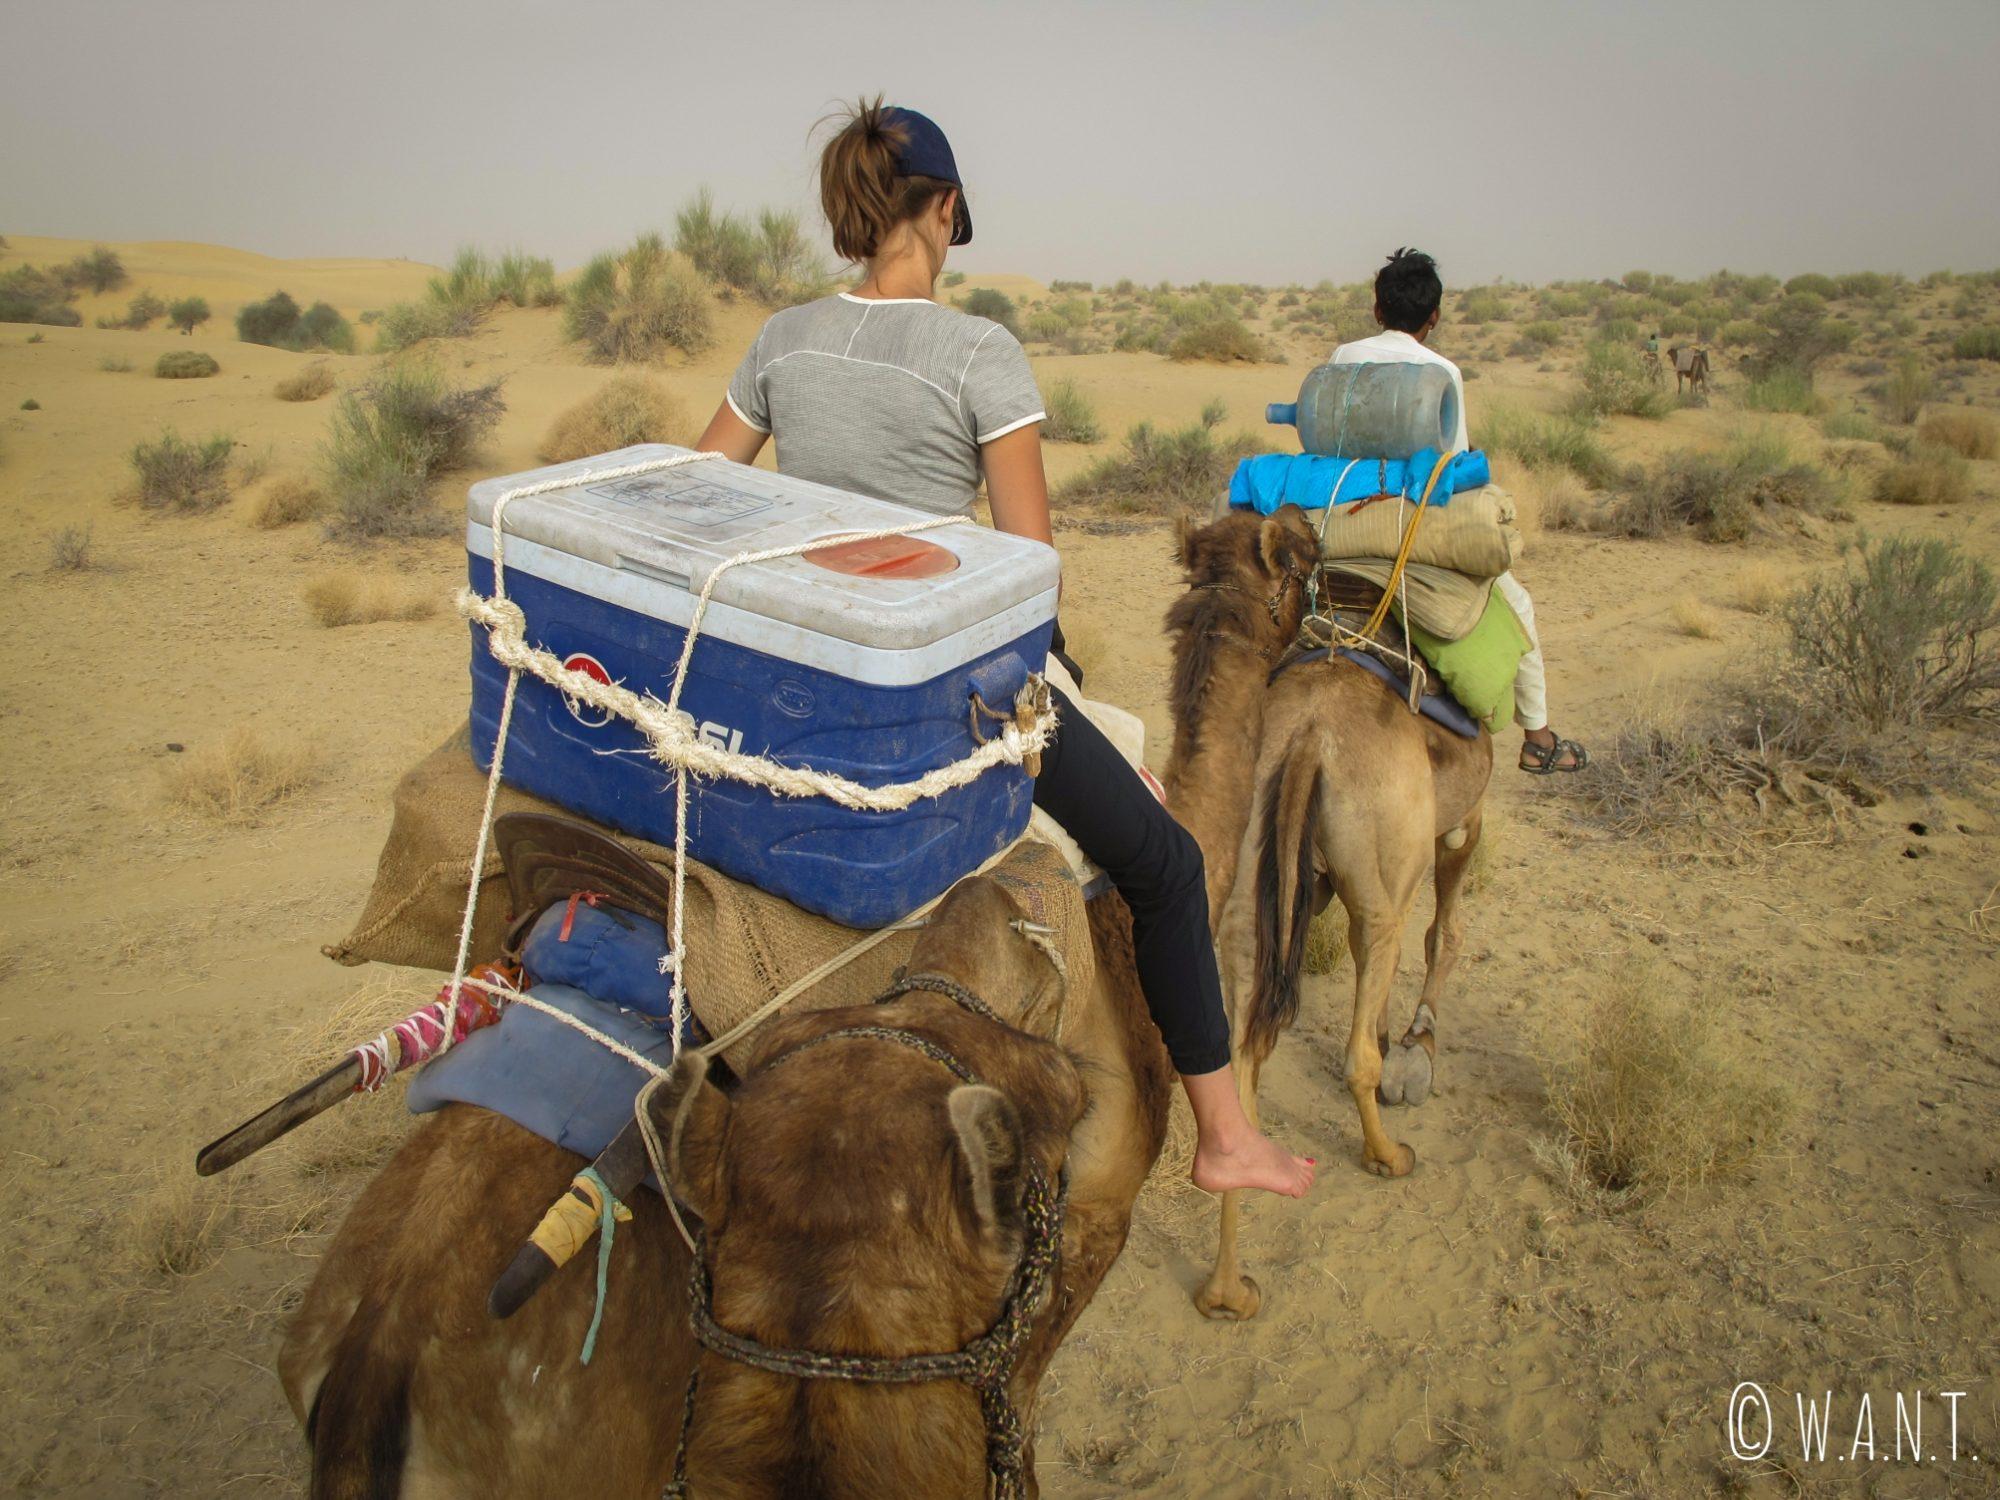 La caravane repart vers les portes du désert